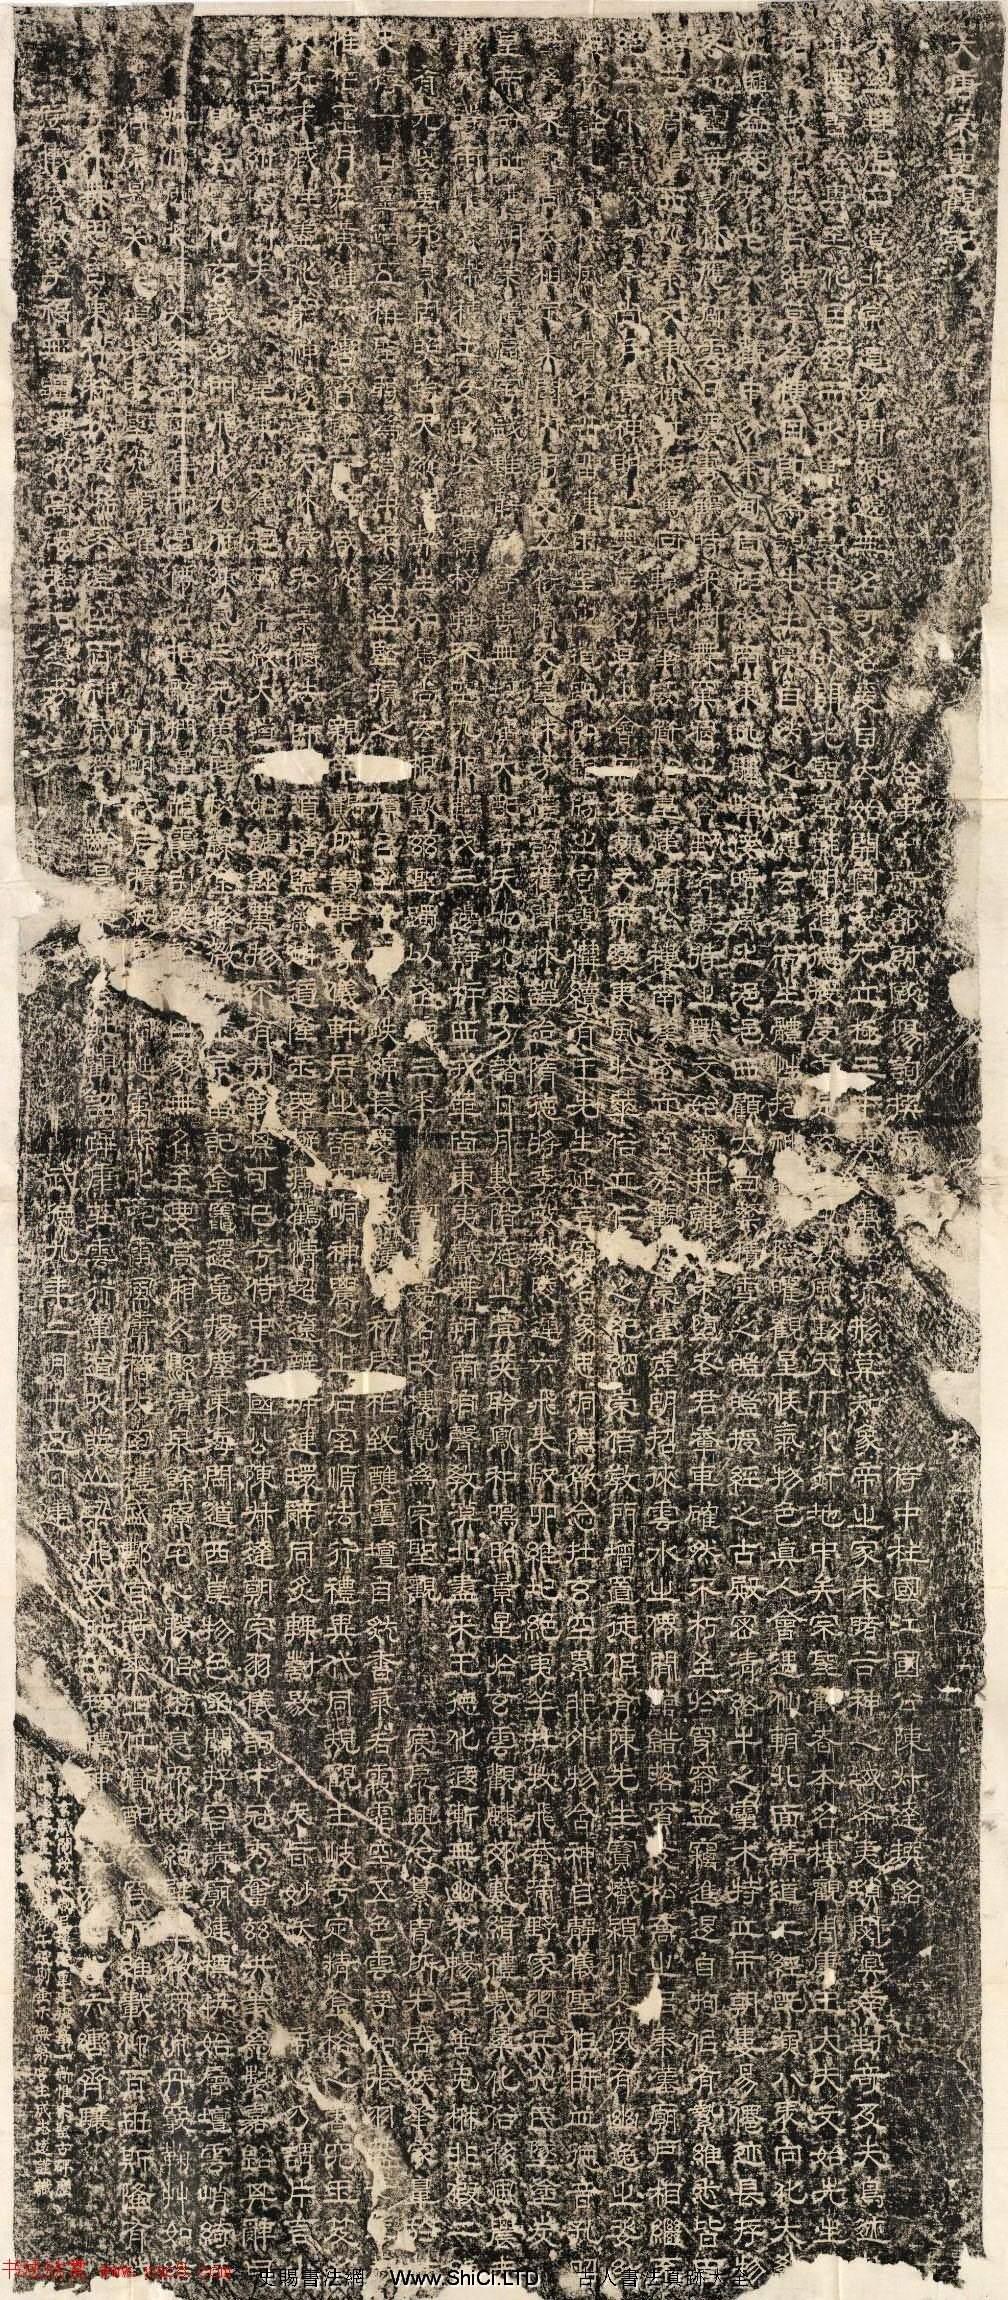 歐陽詢隸書拓本《大唐宗聖觀記》(共7張圖片)